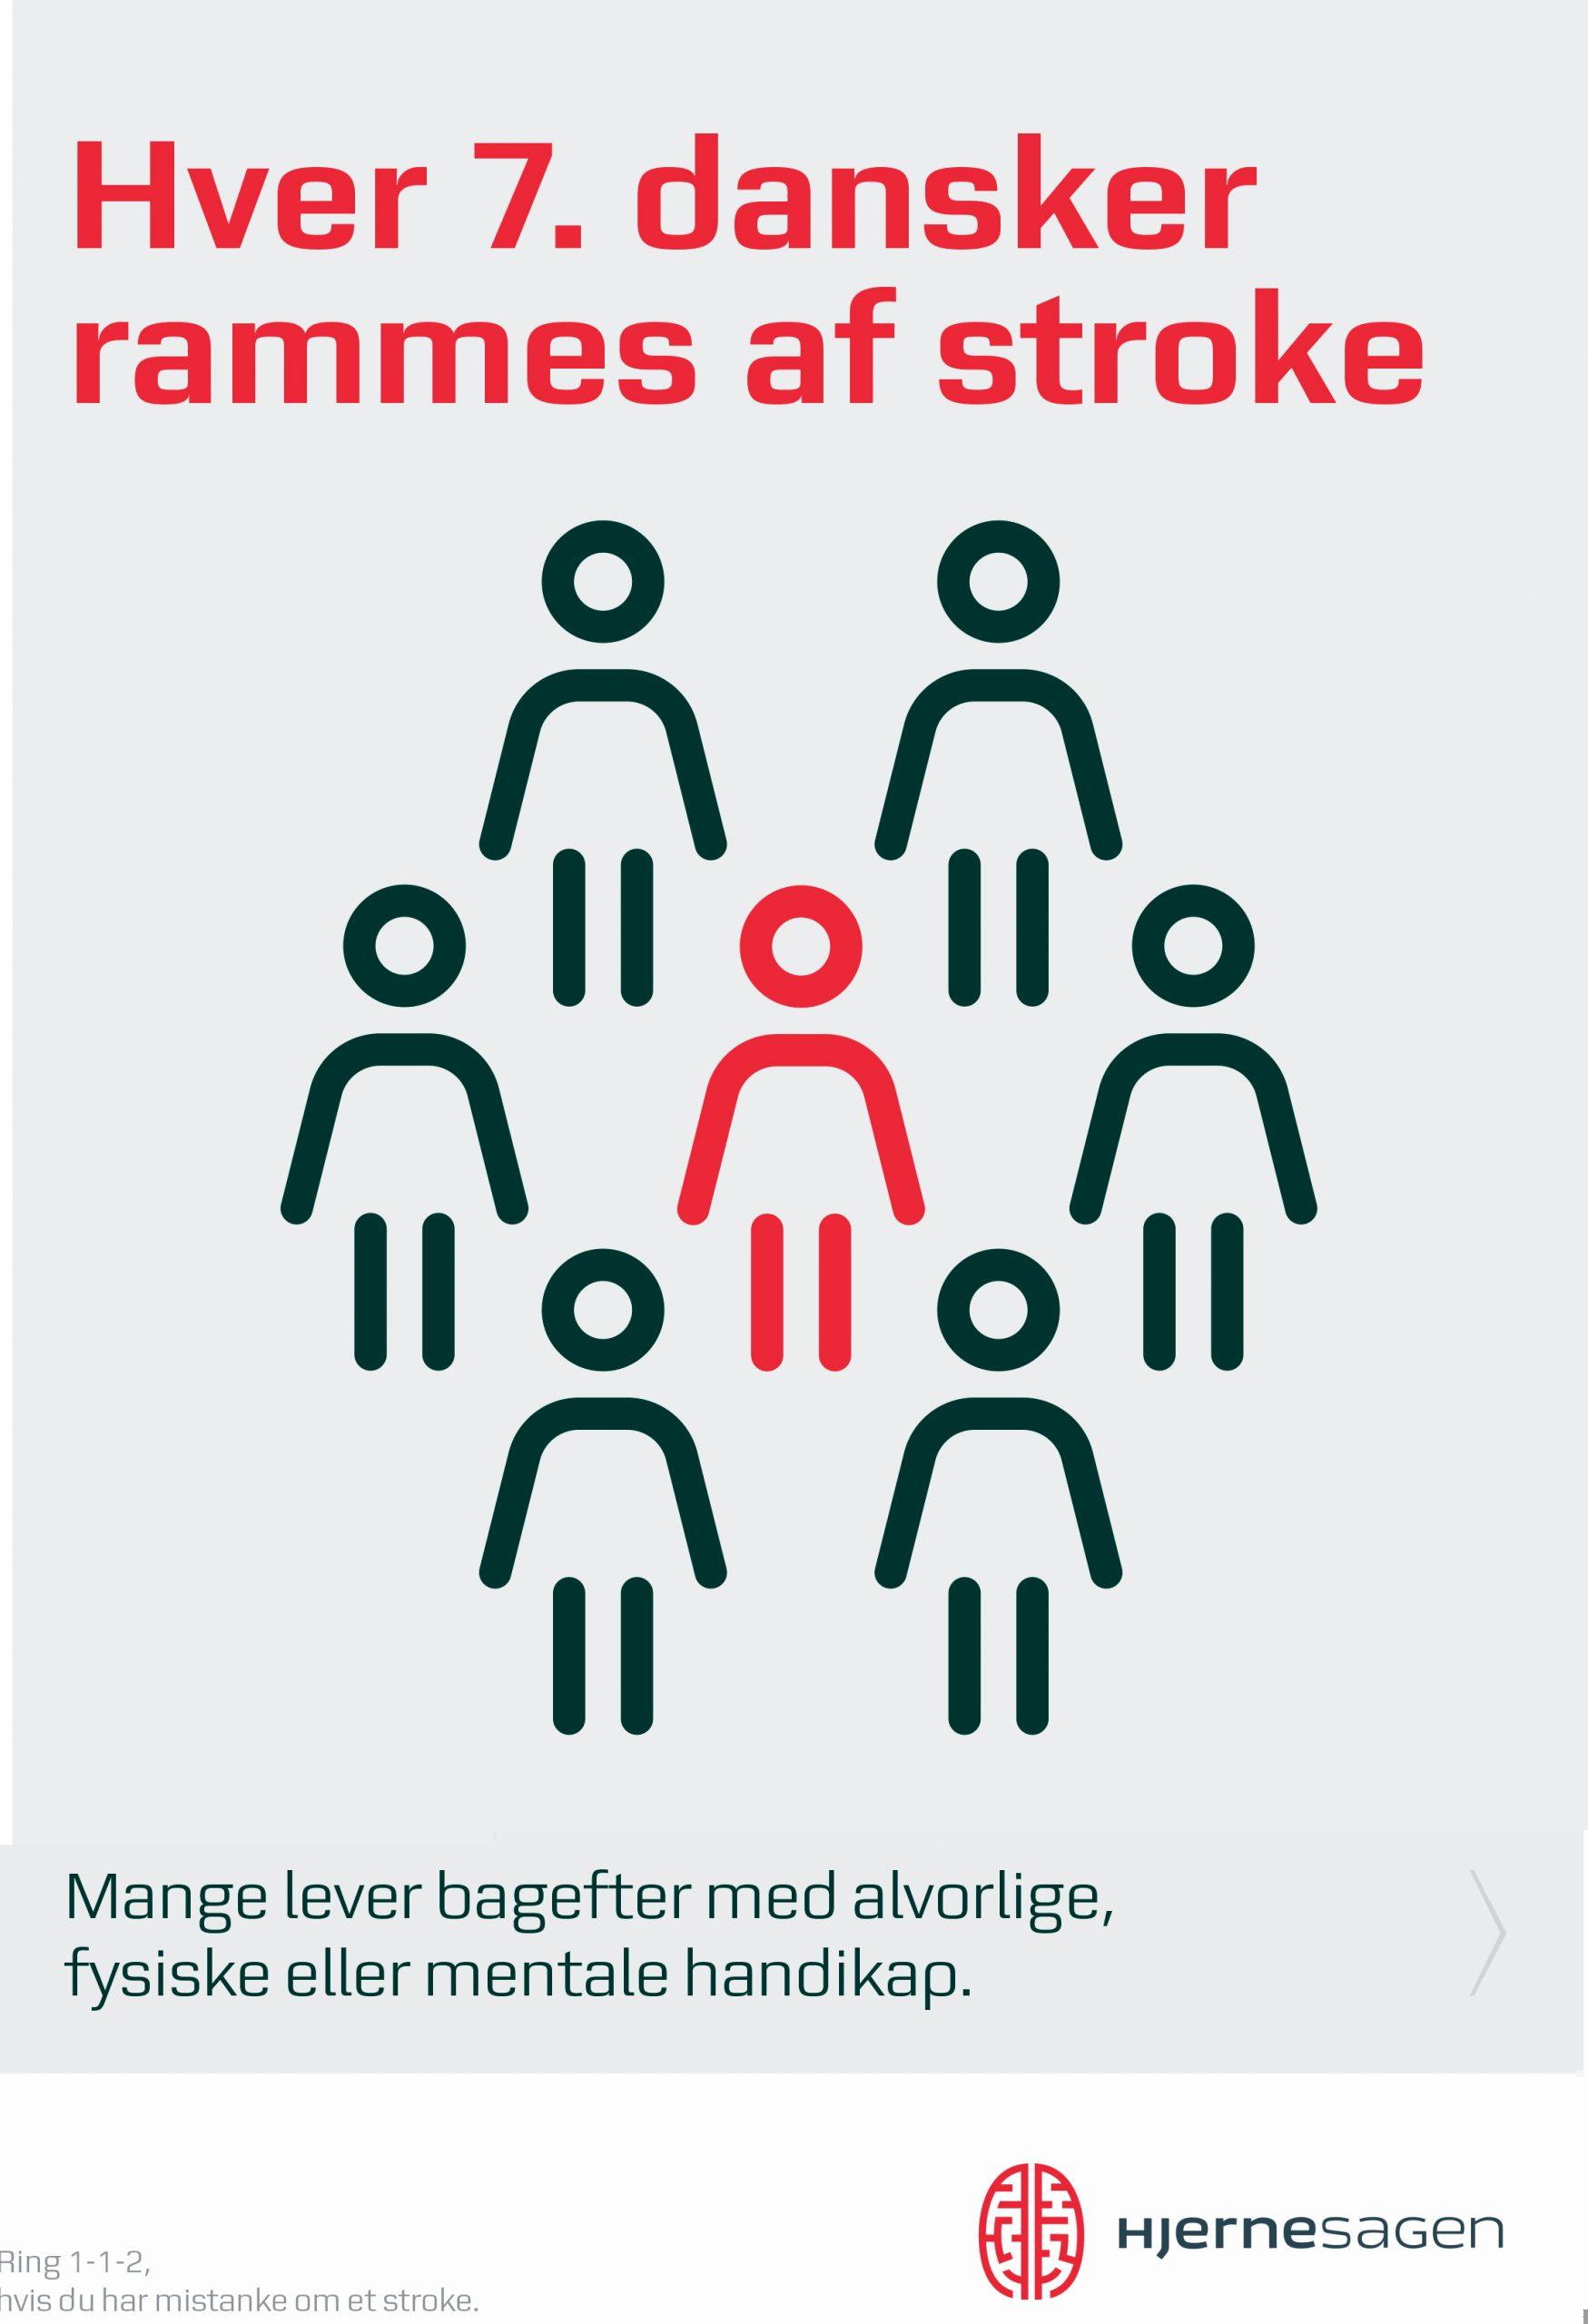 hver 7 dansker rammes af stoke